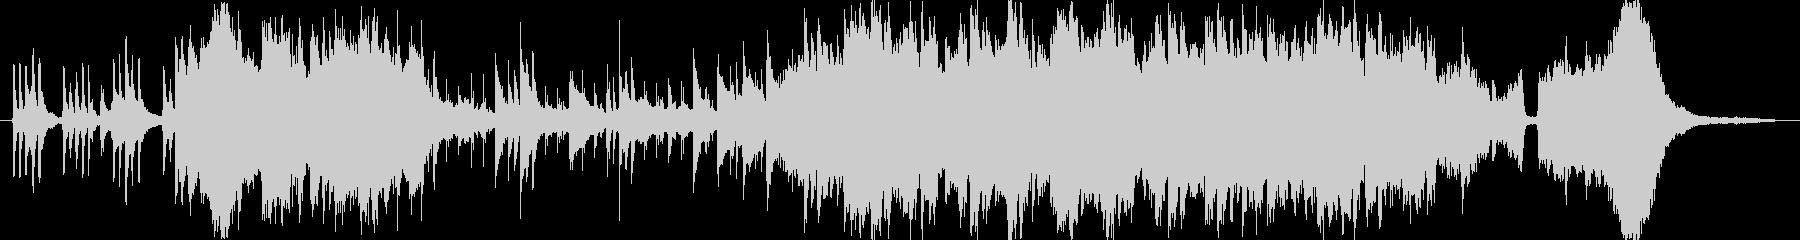 琴を主体とした和風の切ない系BGMの未再生の波形